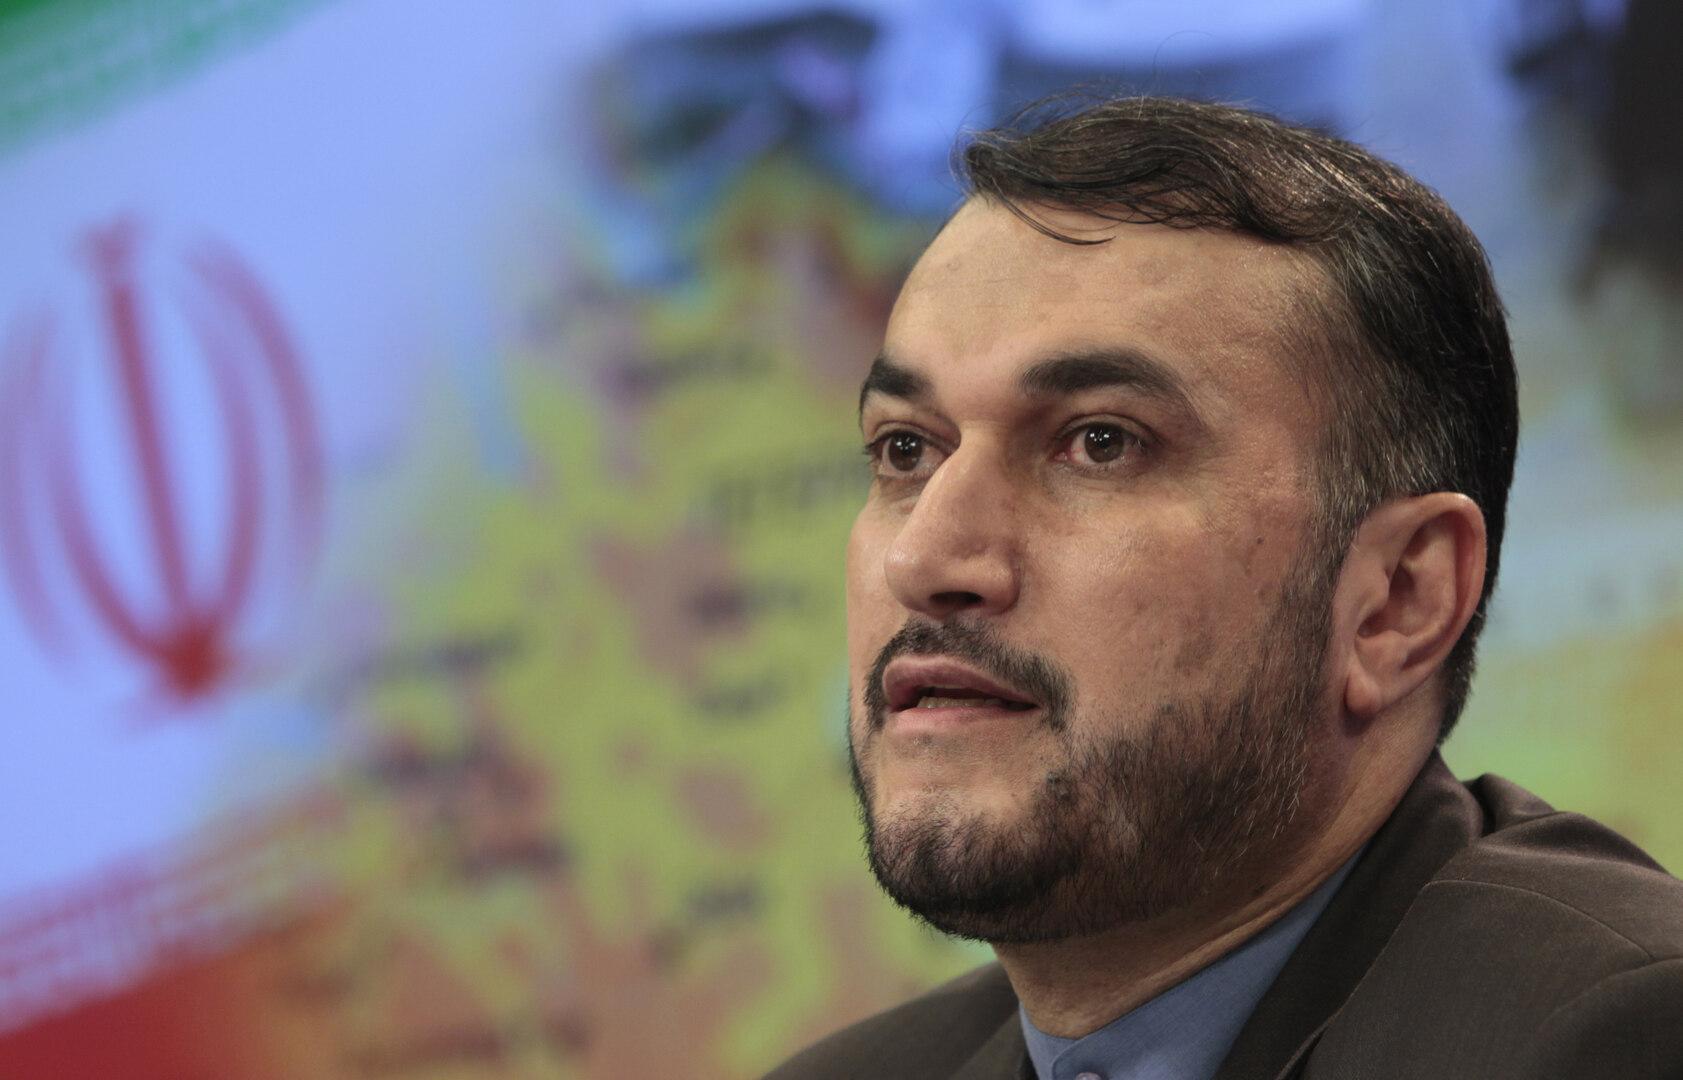 عبد اللهيان: الوجود الاستخباري الإسرائيلي في أذربيجان ليس في مصلحتها